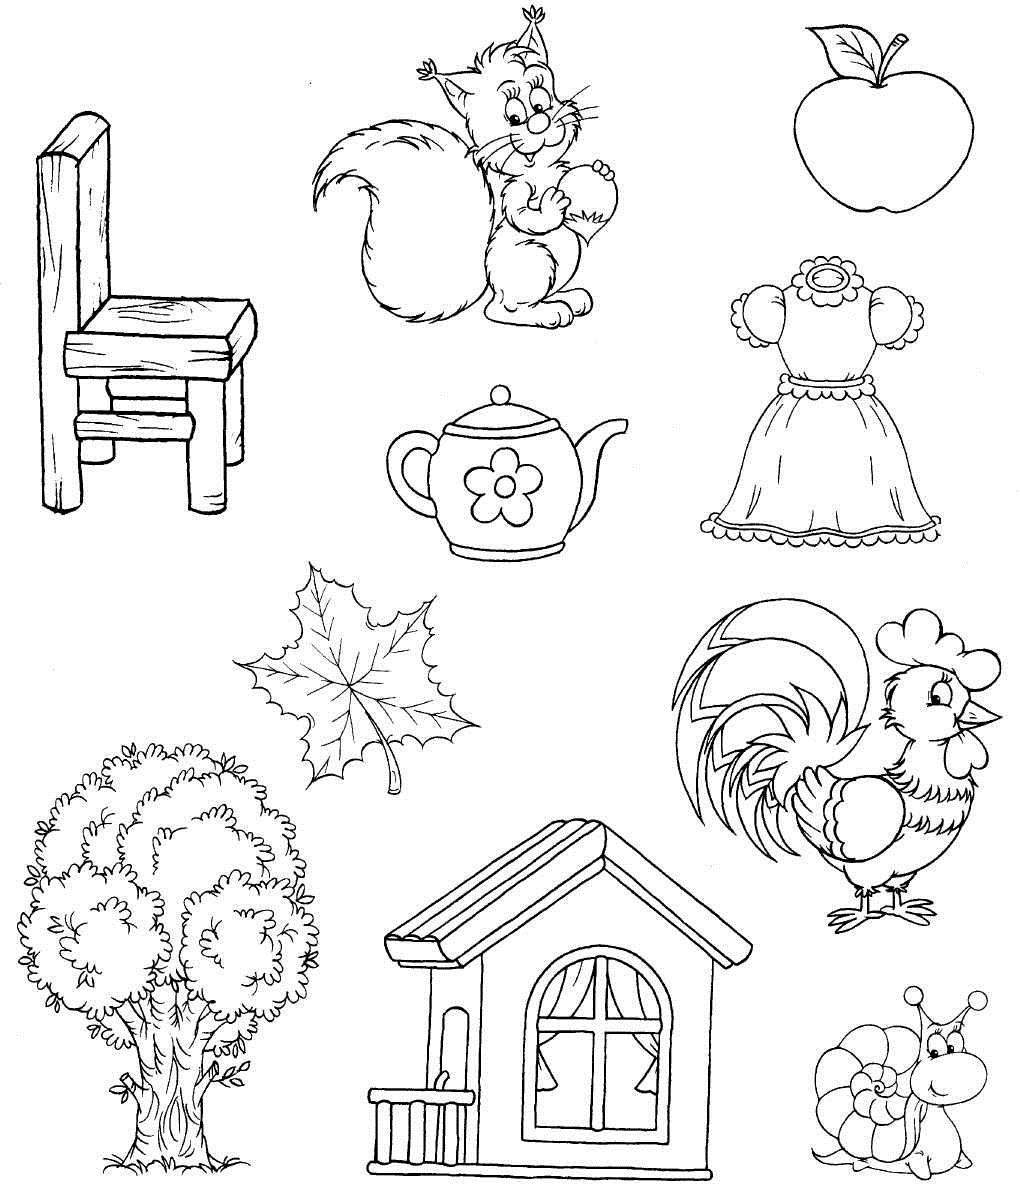 Учим предметы раскраски, стул, чайник, дом